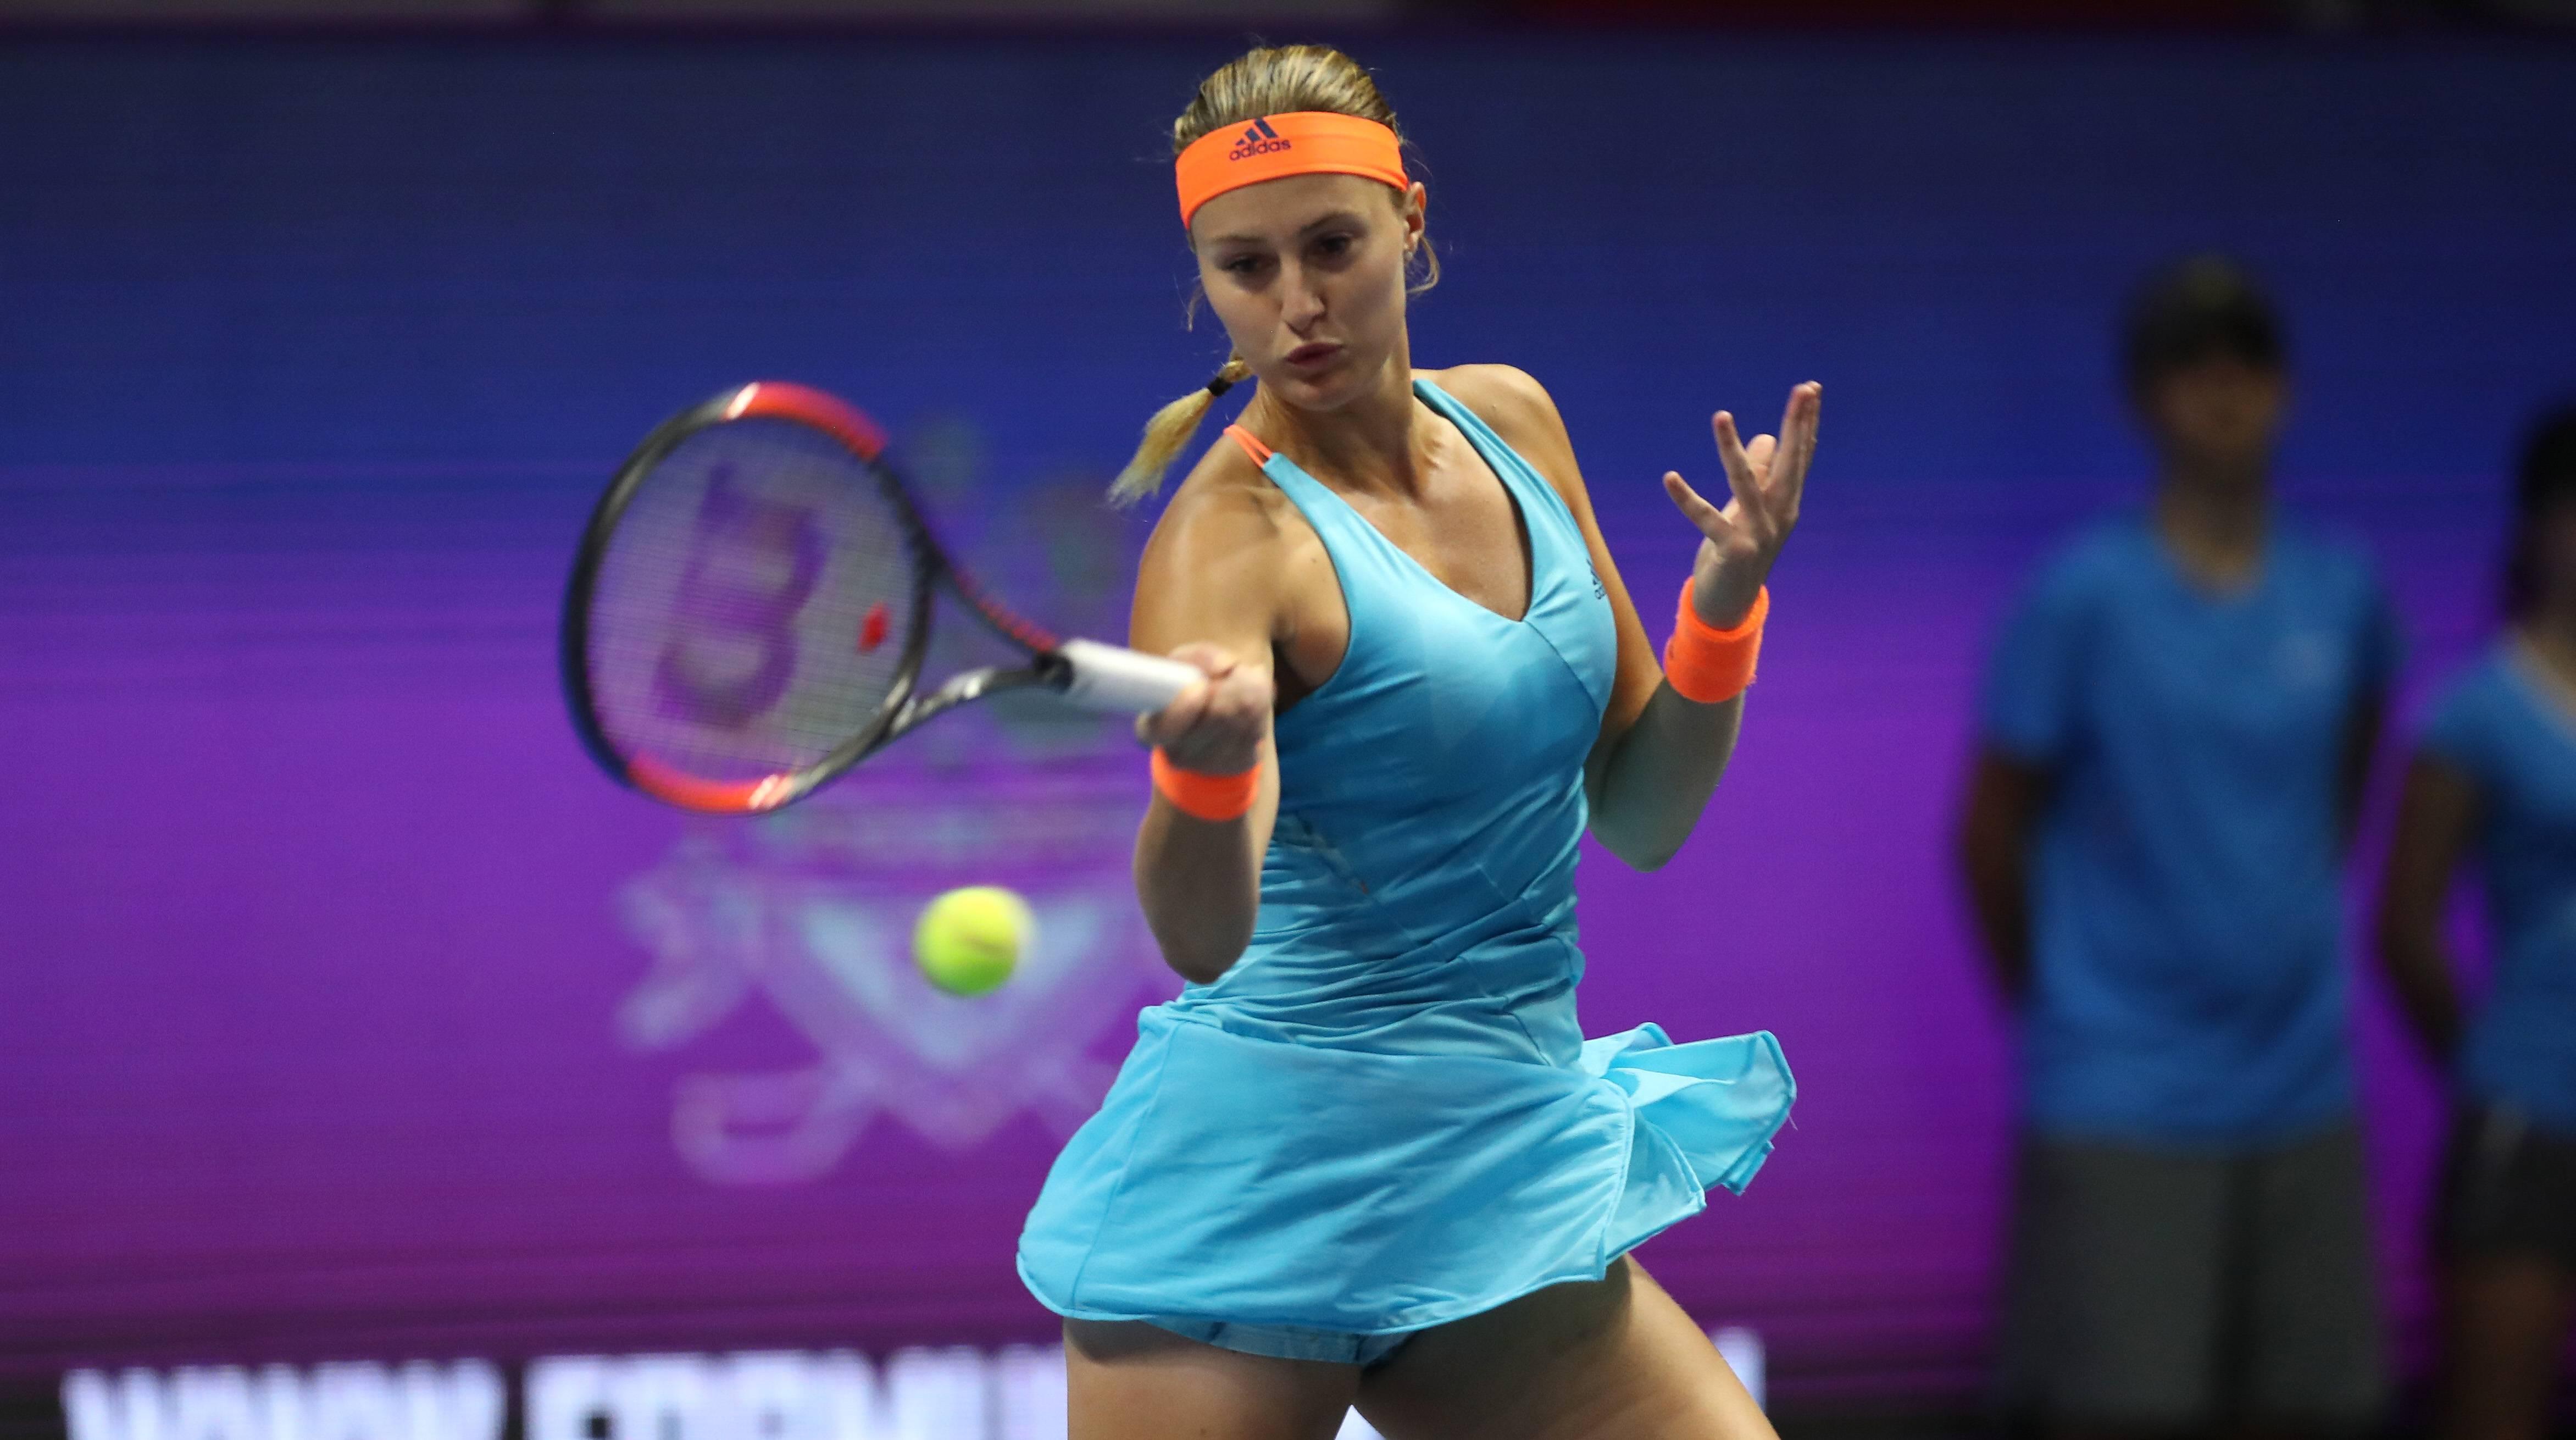 La francesa Kristina Mladenovic logra su primer titulo WTA en San Petersburgo al vencer la final en 3 sets a la kazaja Yulia Putintseva.